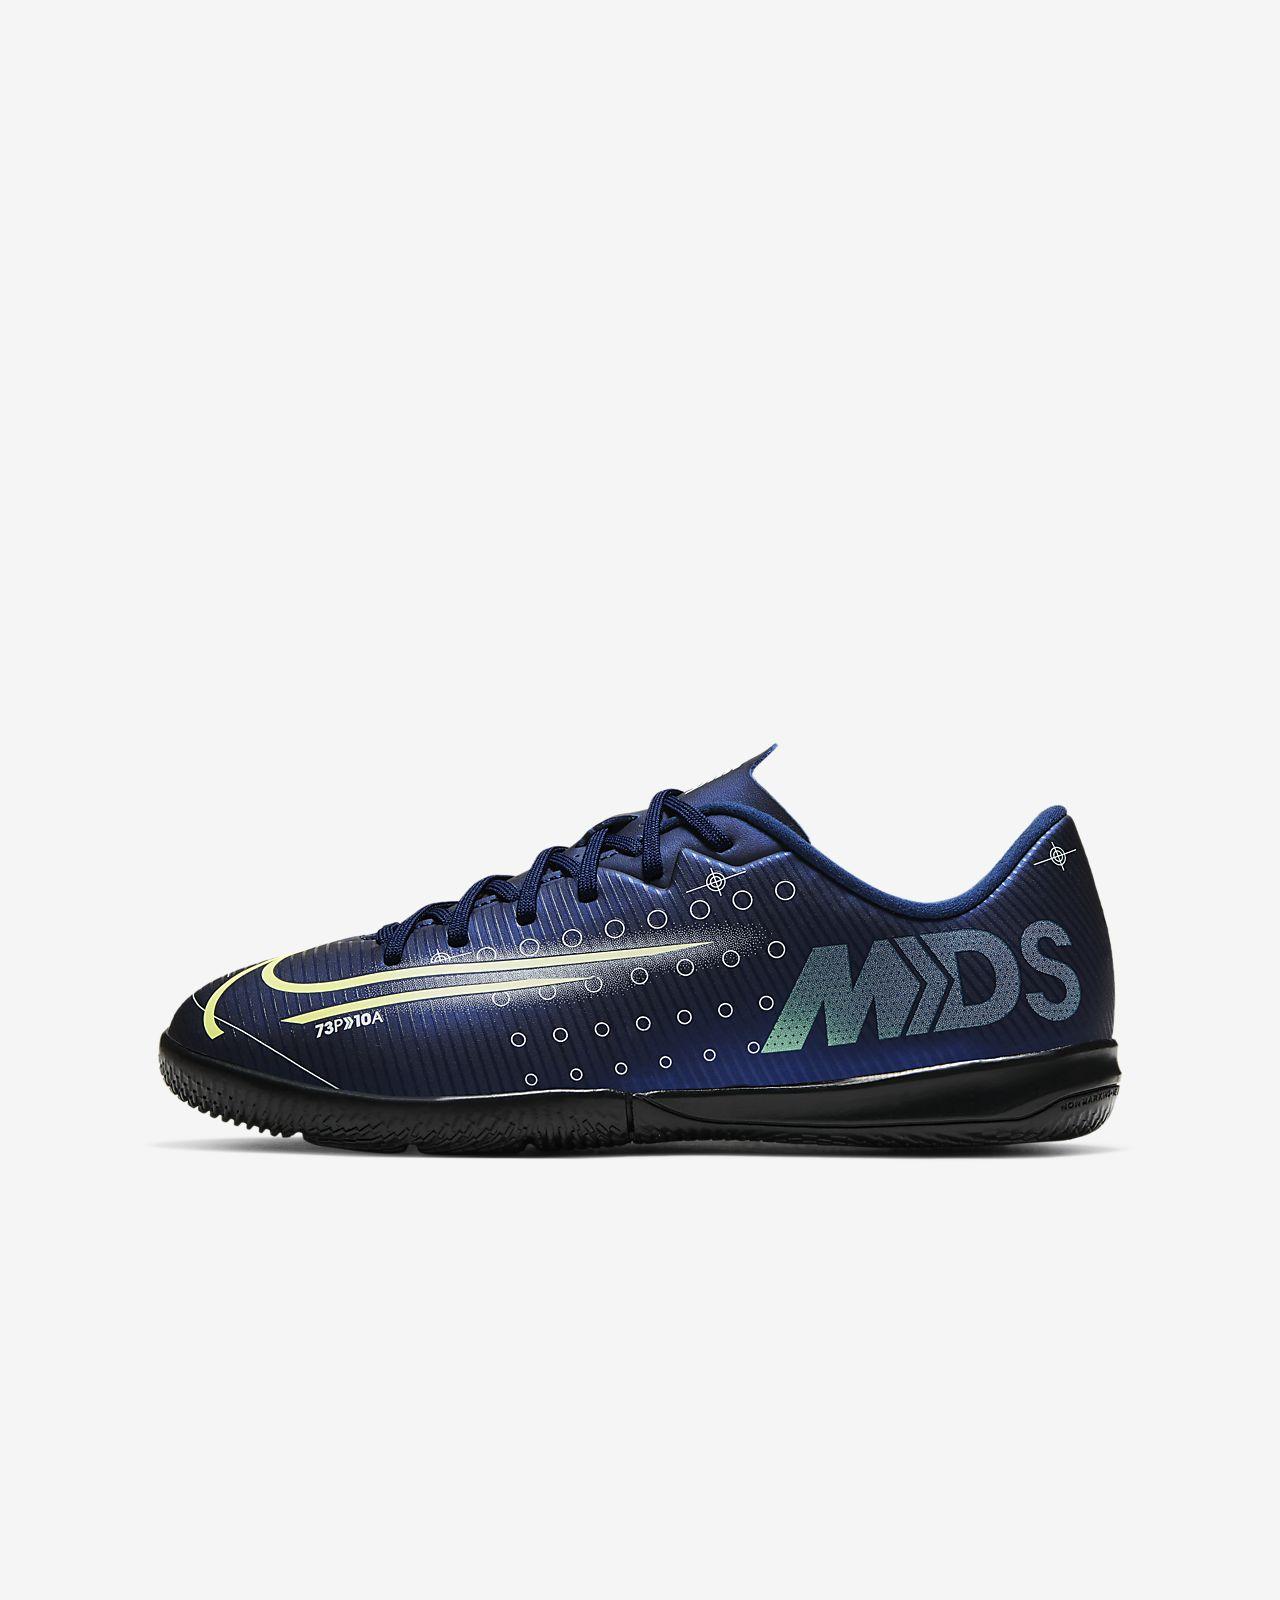 Chaussure de football en salle Nike Jr. Mercurial Vapor 13 Academy MDS IC pour Jeune enfant/Enfant plus âgé